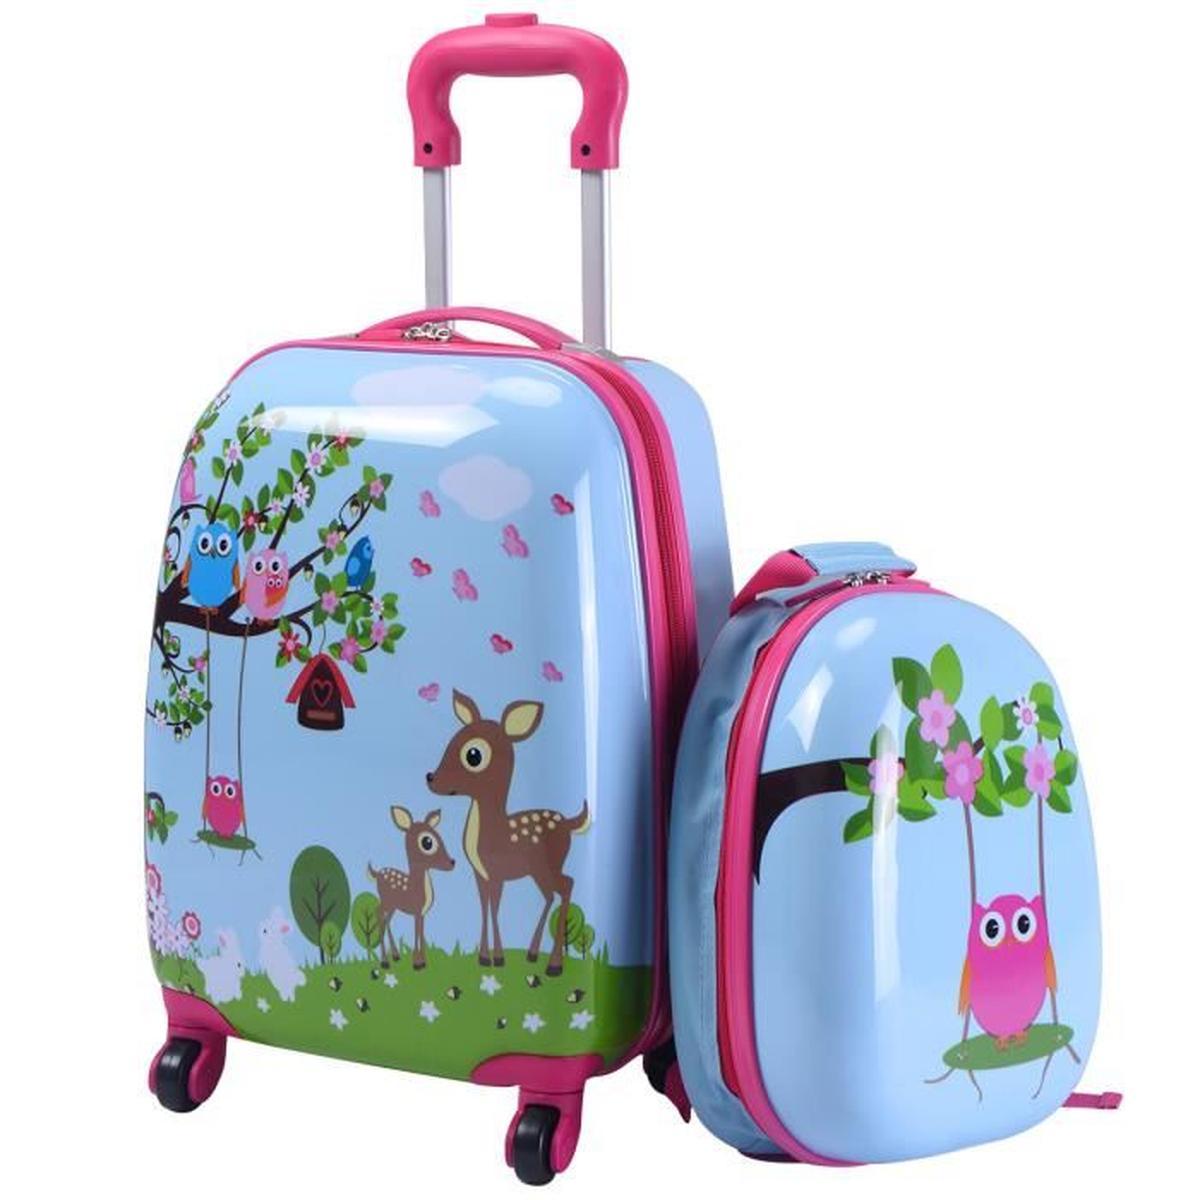 valise a roulette pour enfant